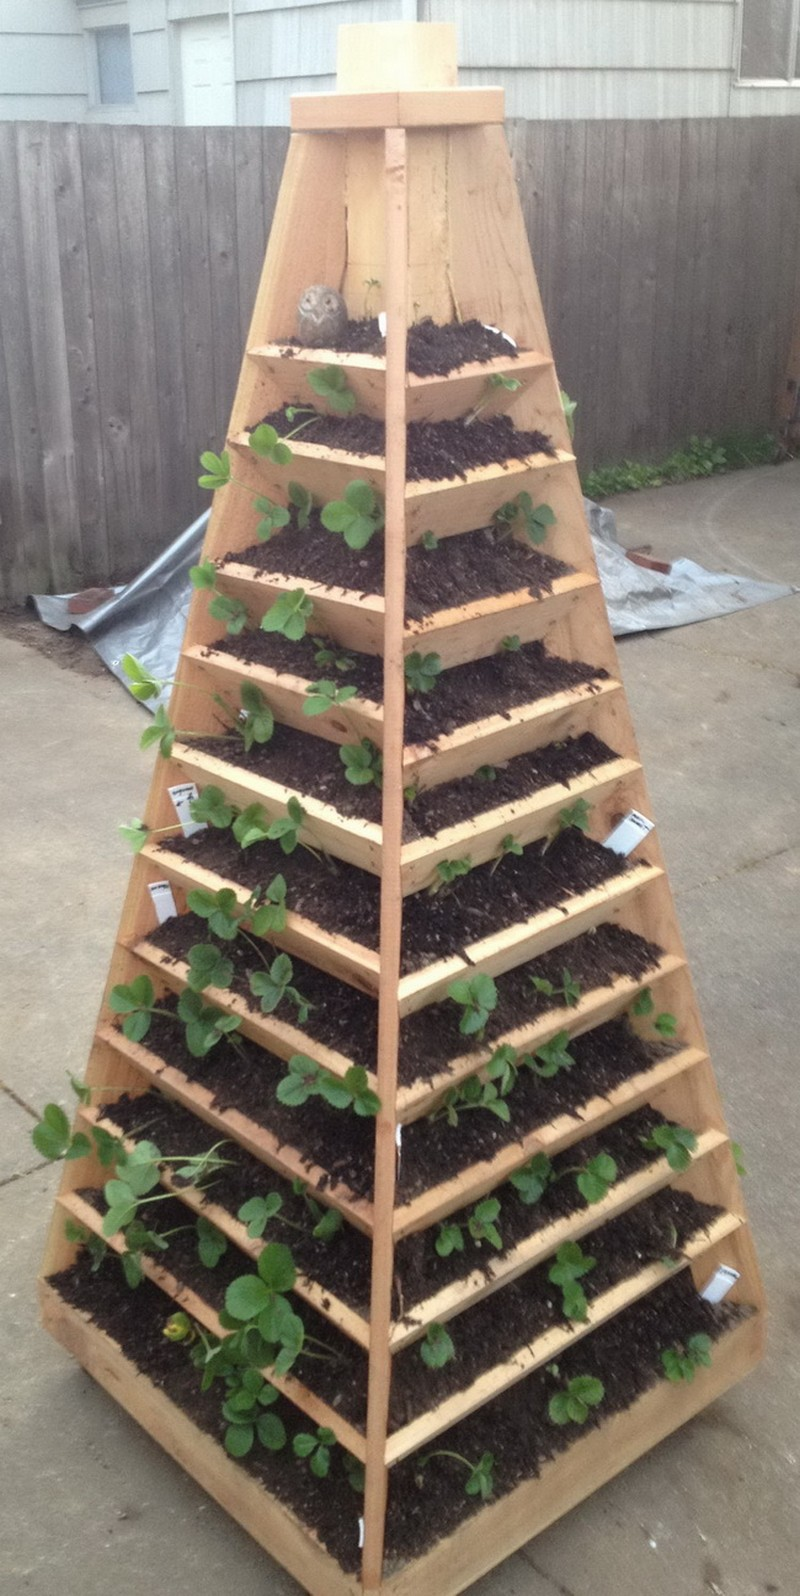 DIY Strawberry Pyramid